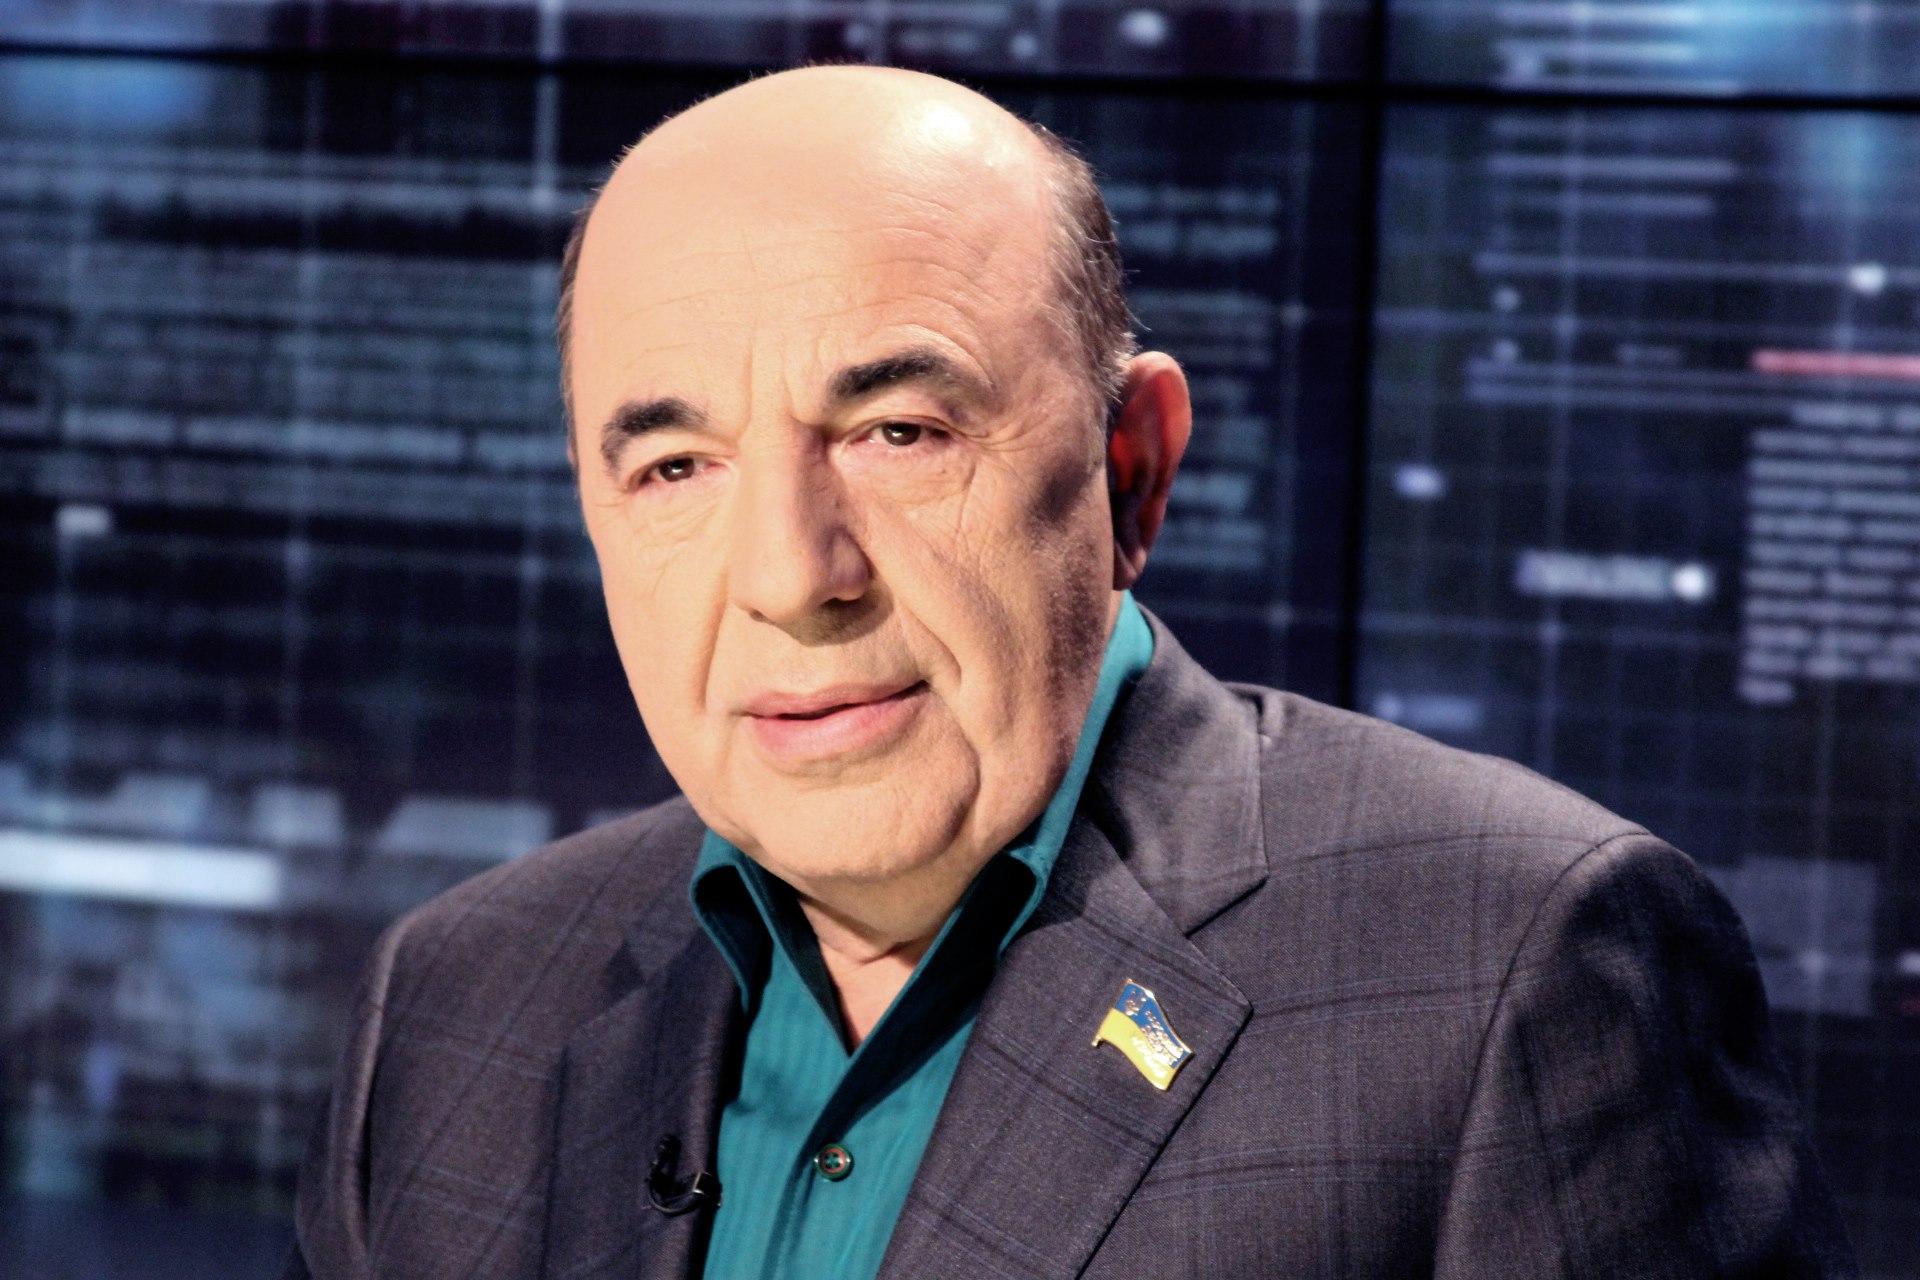 Рабинович: Если мой законопроект о запрете офшоров примут, это обрадует всех украинцев, кроме власти